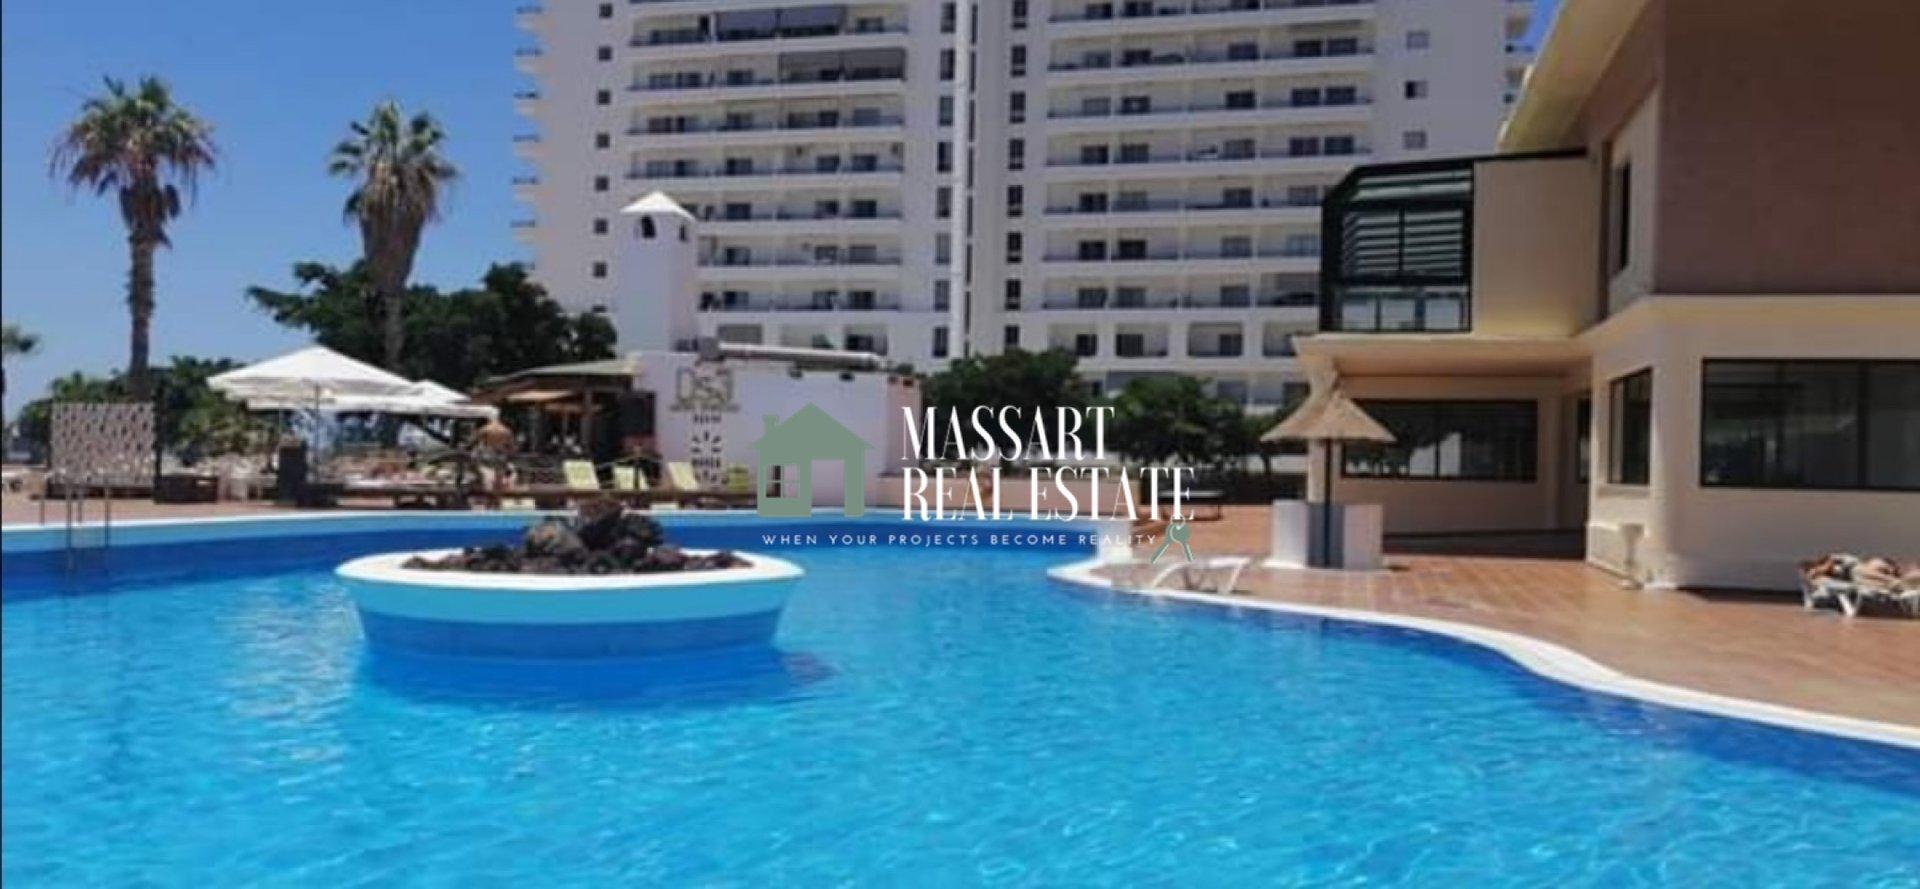 À vendre dans le quartier populaire de Playa Paraíso, dans le complexe résidentiel Club Paraíso, appartement meublé d'environ 65 m2 avec un grand potentiel.